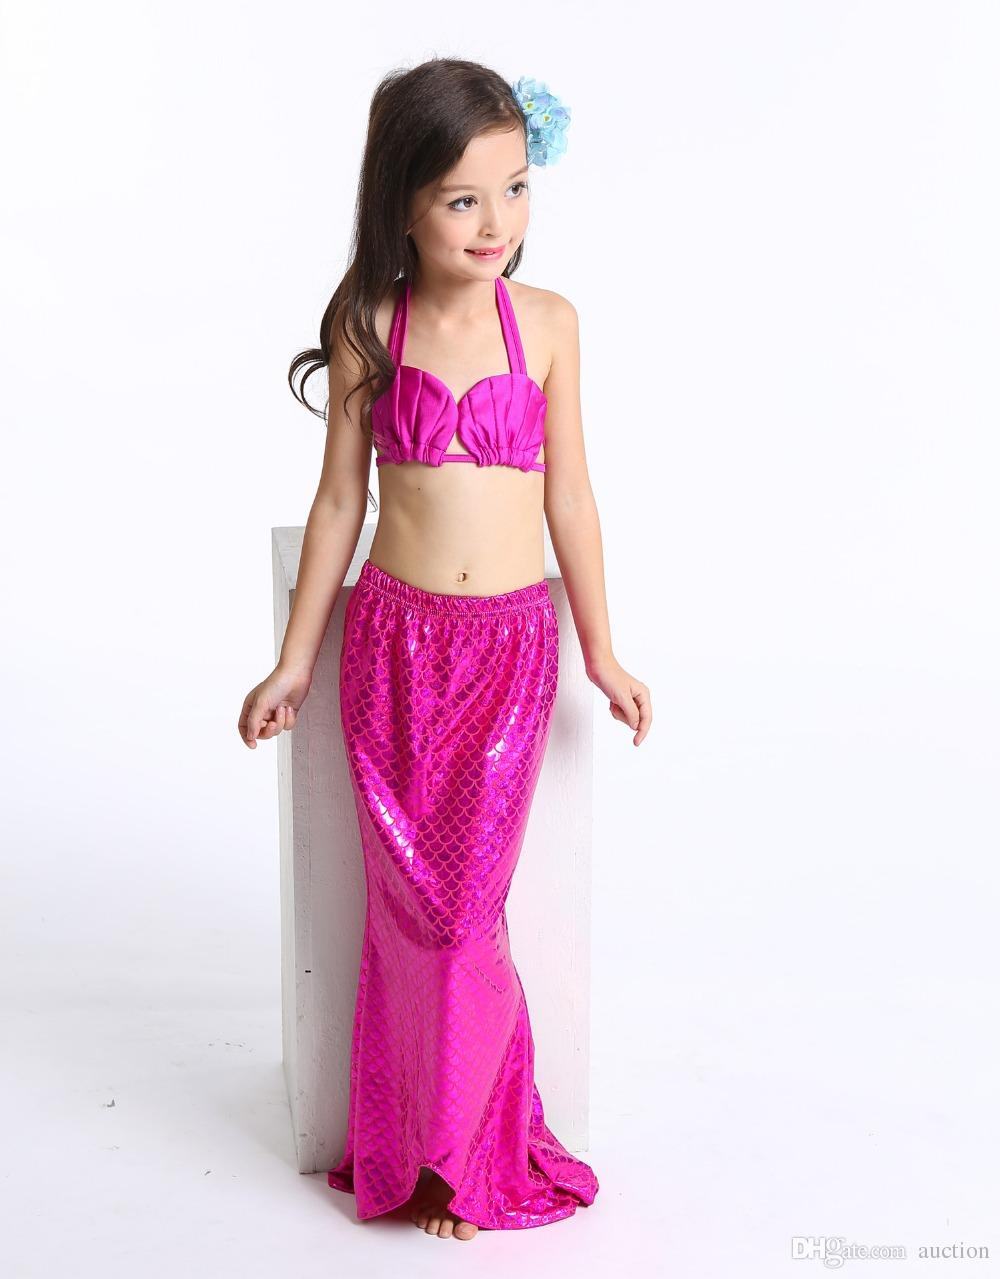 43e93570bdf7 Acquista 2016 Costume Da Bagno A Sirena Bambini Beach Costumi Da Bagno  Bambini Neonate Nuoto Bikini Bambino Biquini Tre Pezzi Bikini A $9.14 Dal  Auction ...